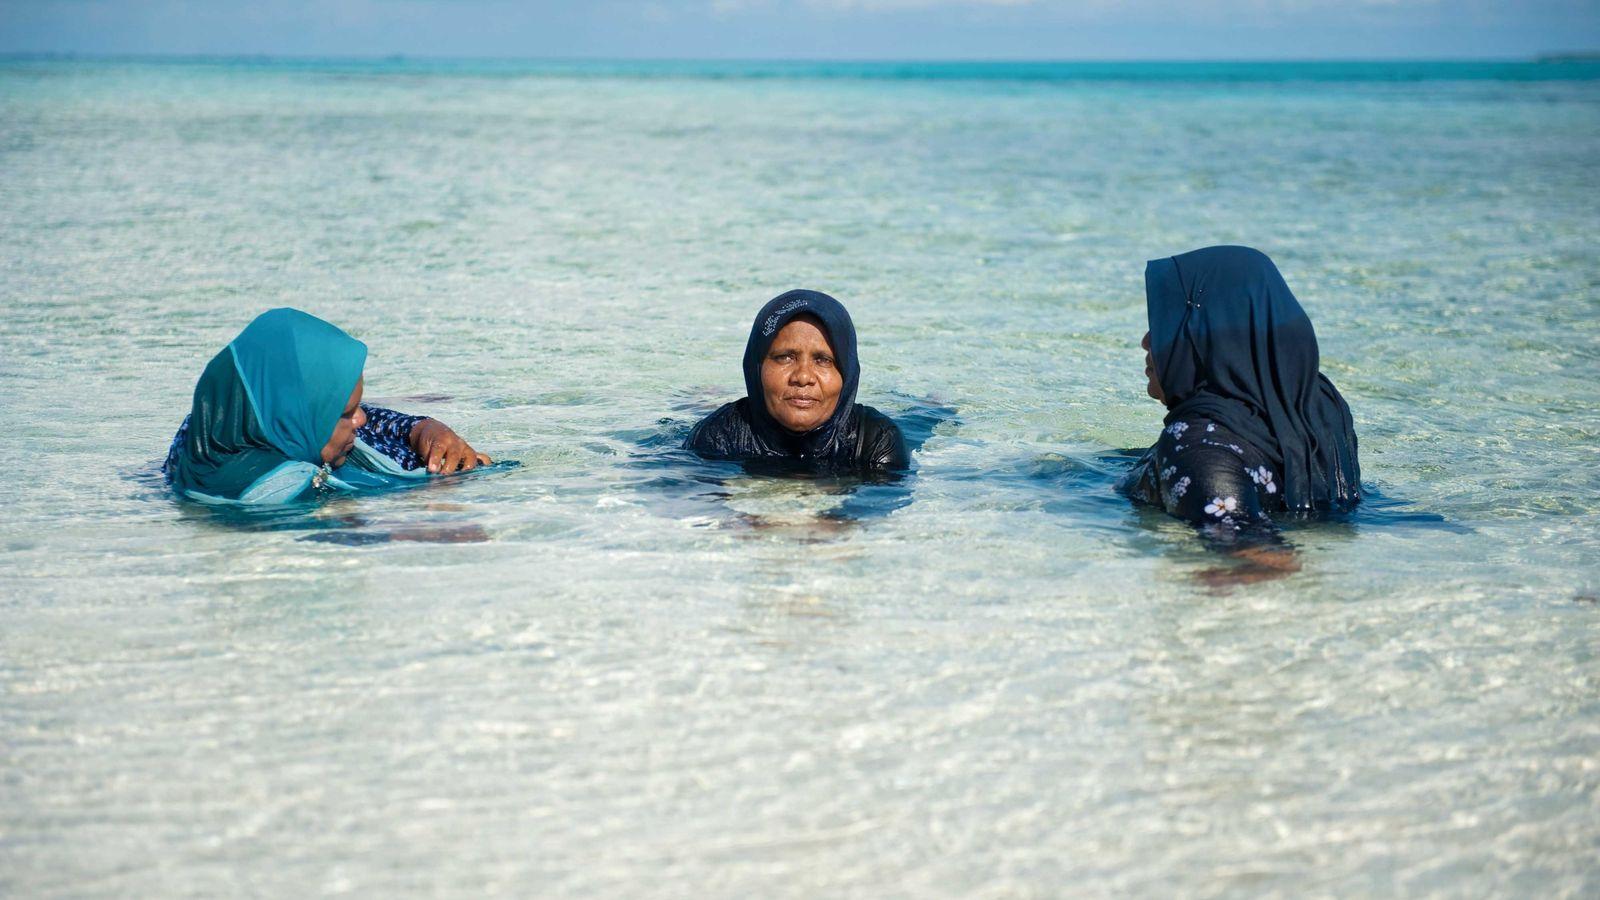 Après un pique-nique familial sur la plage, Aishath, Maryam et Zahira se rafraîchissent dans quelques centimètres ...